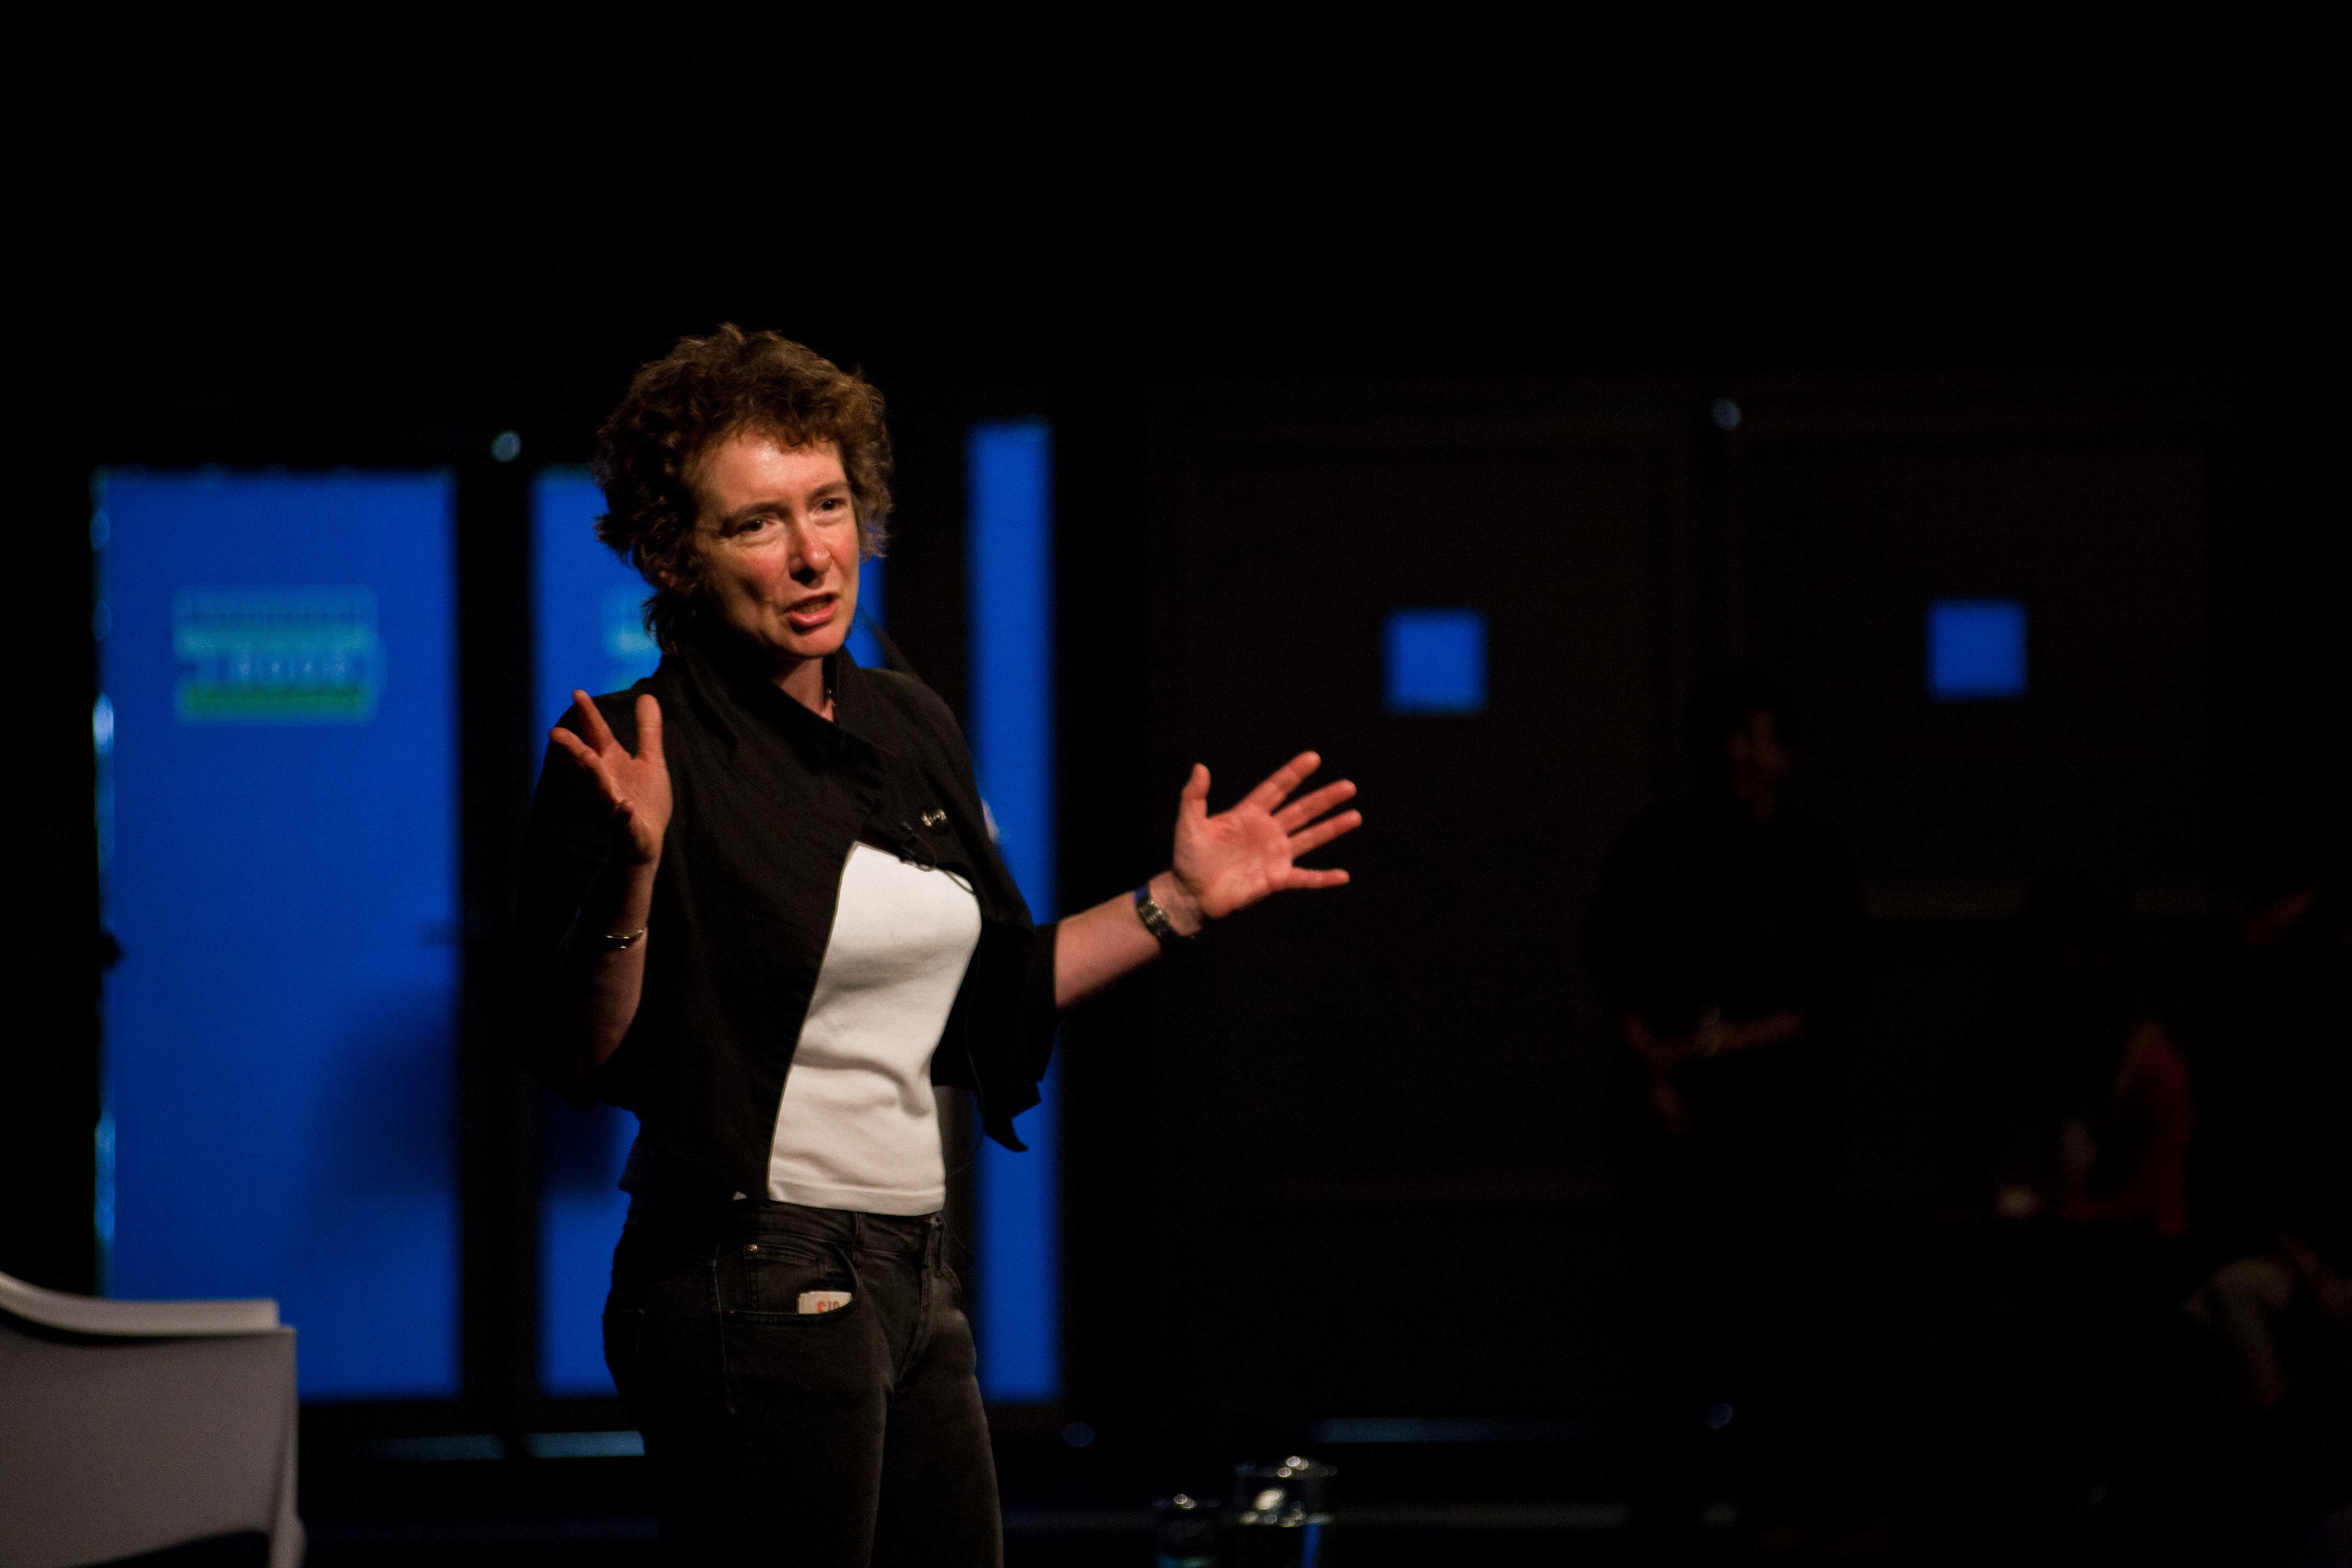 """Jeanette Winterson: """"Suntem nişte laşi din punct de vedere moral şi emoţional!"""""""